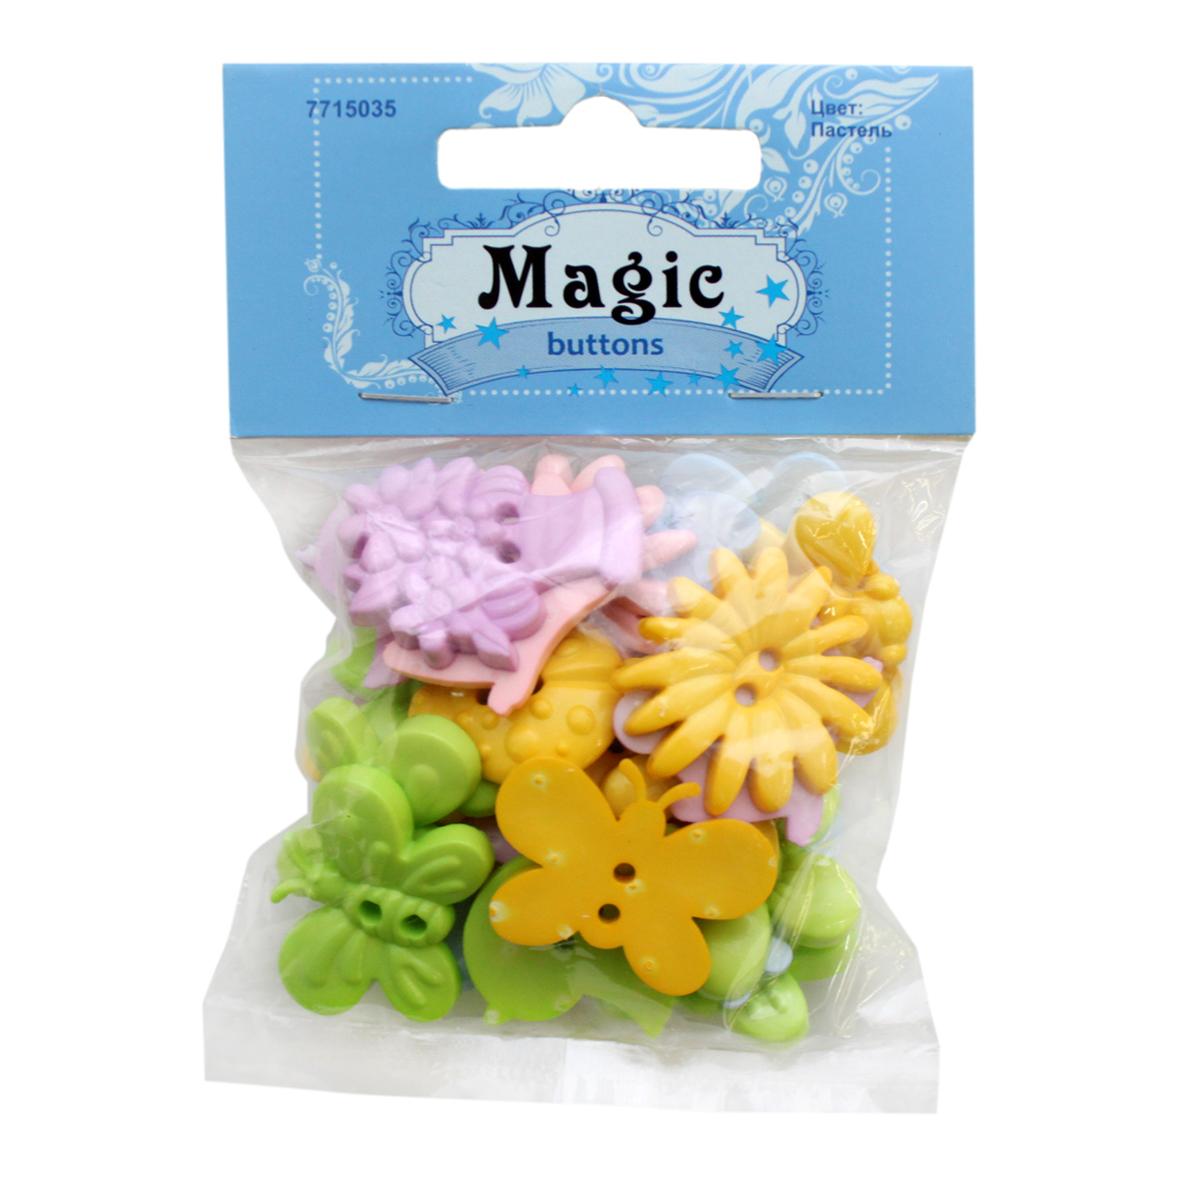 Пуговицы декоративные Magic Buttons Сад. Пастель, 30 г7715035_ПастельЯркие и красочные пуговицы Magic Buttons станут прекрасным дополнением к любому образу. Пуговицы выполнены в разных цветовых вариантах и формах.